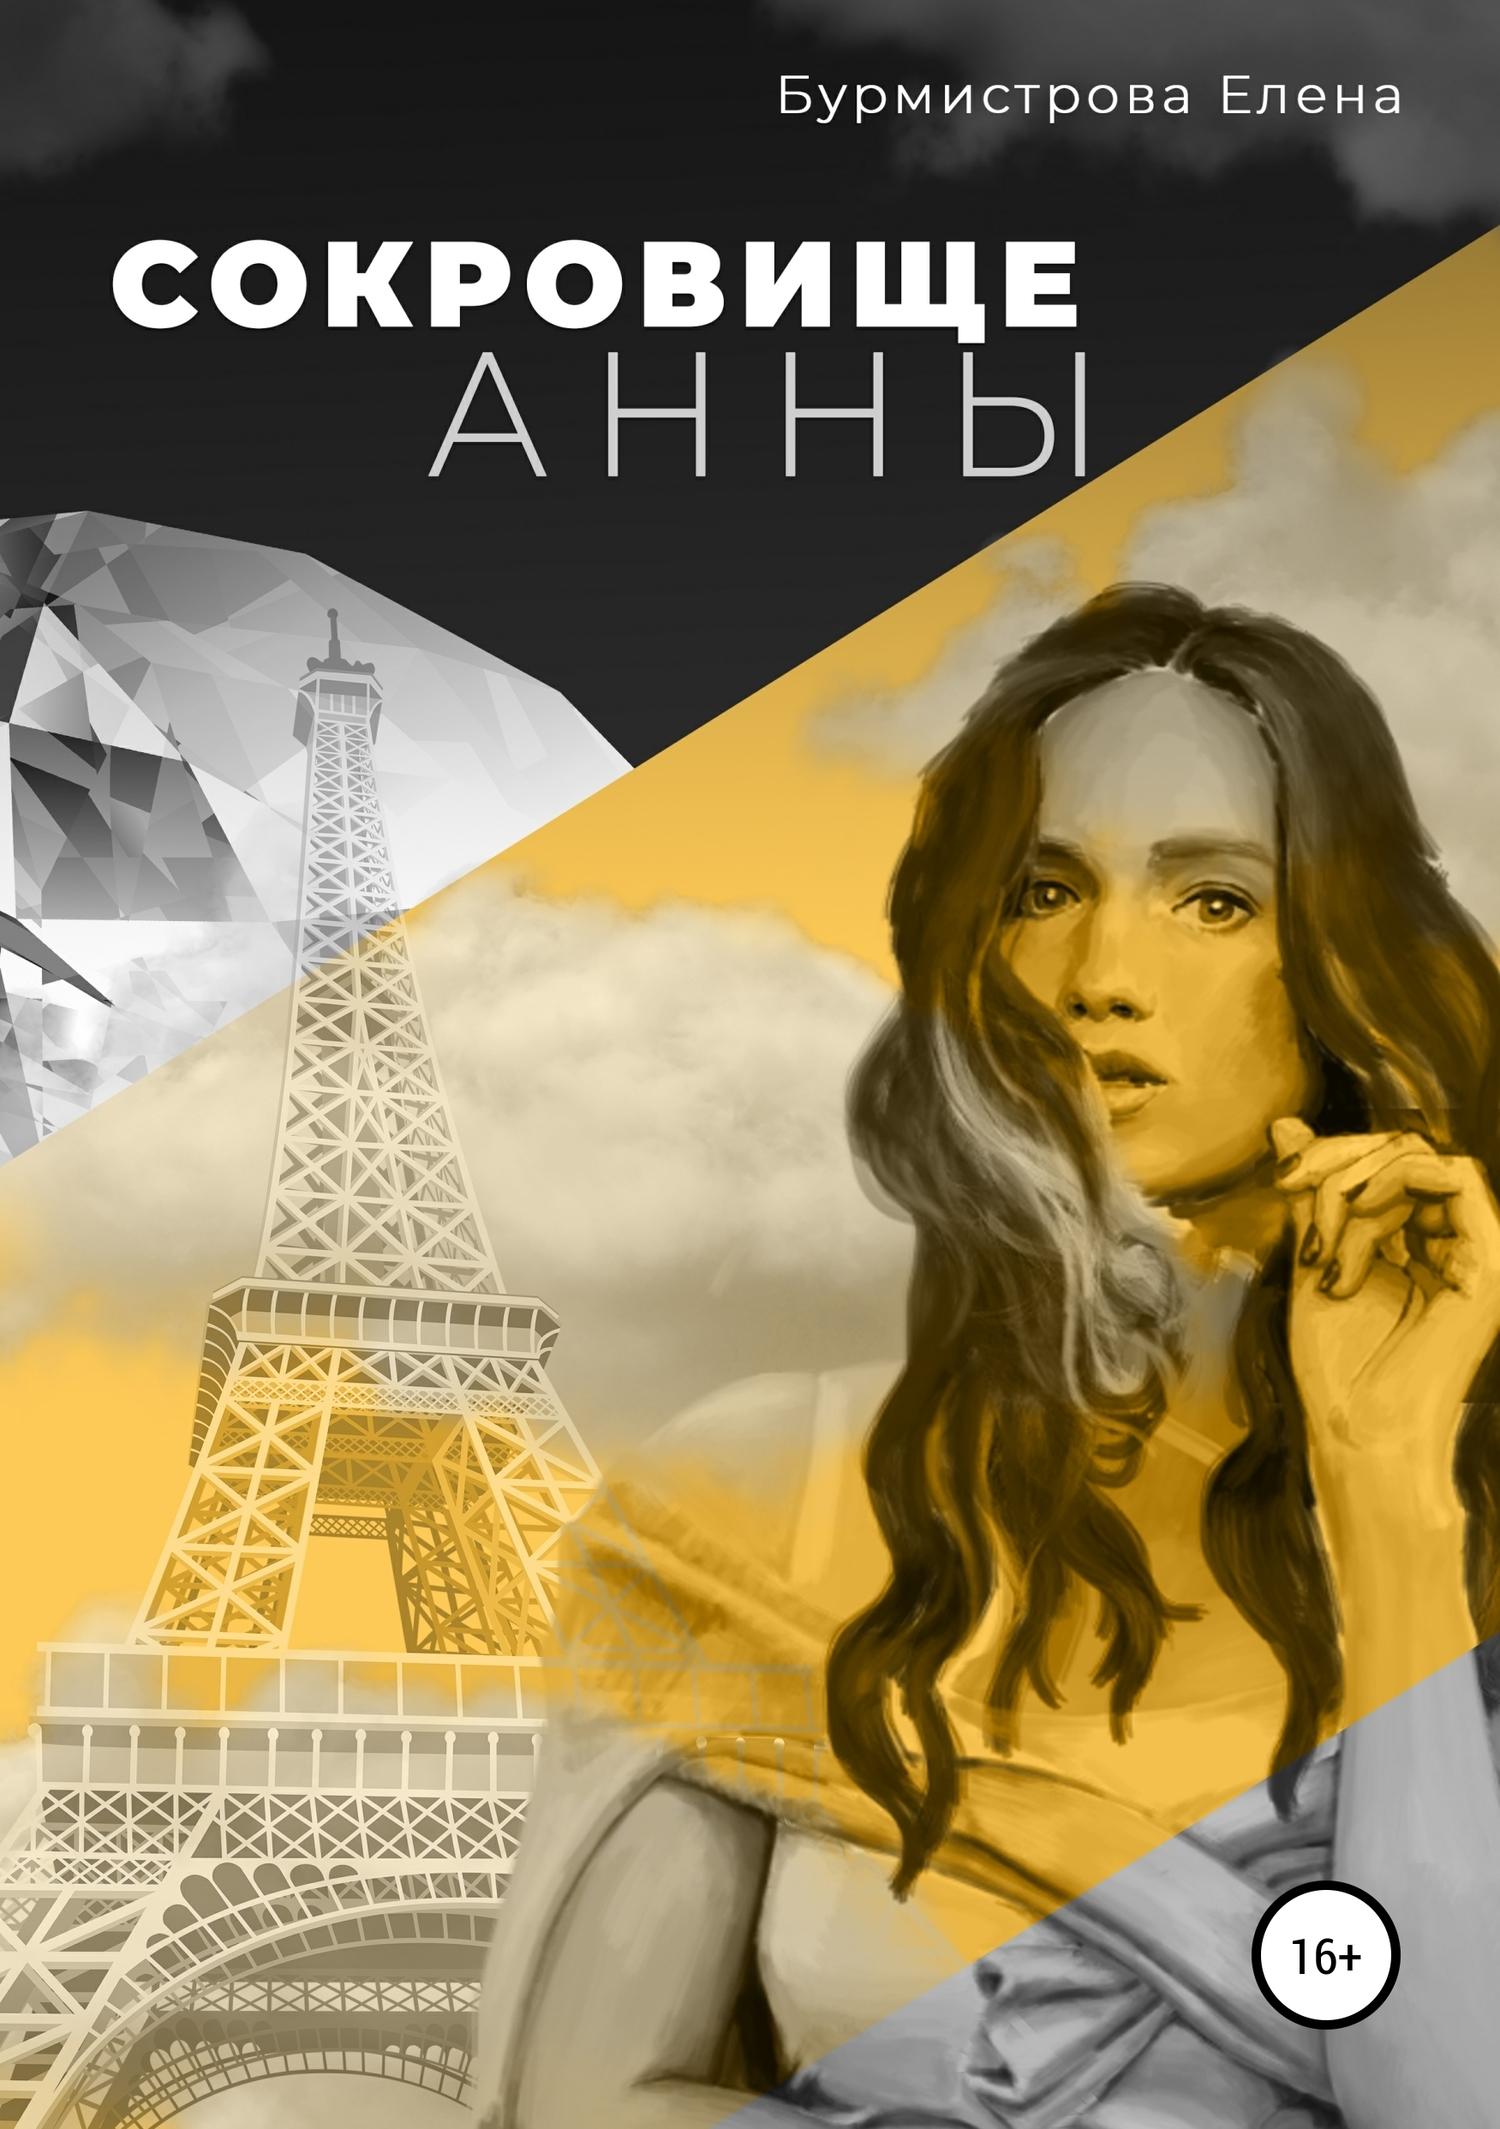 Елена Бурмистрова - Сокровище Анны